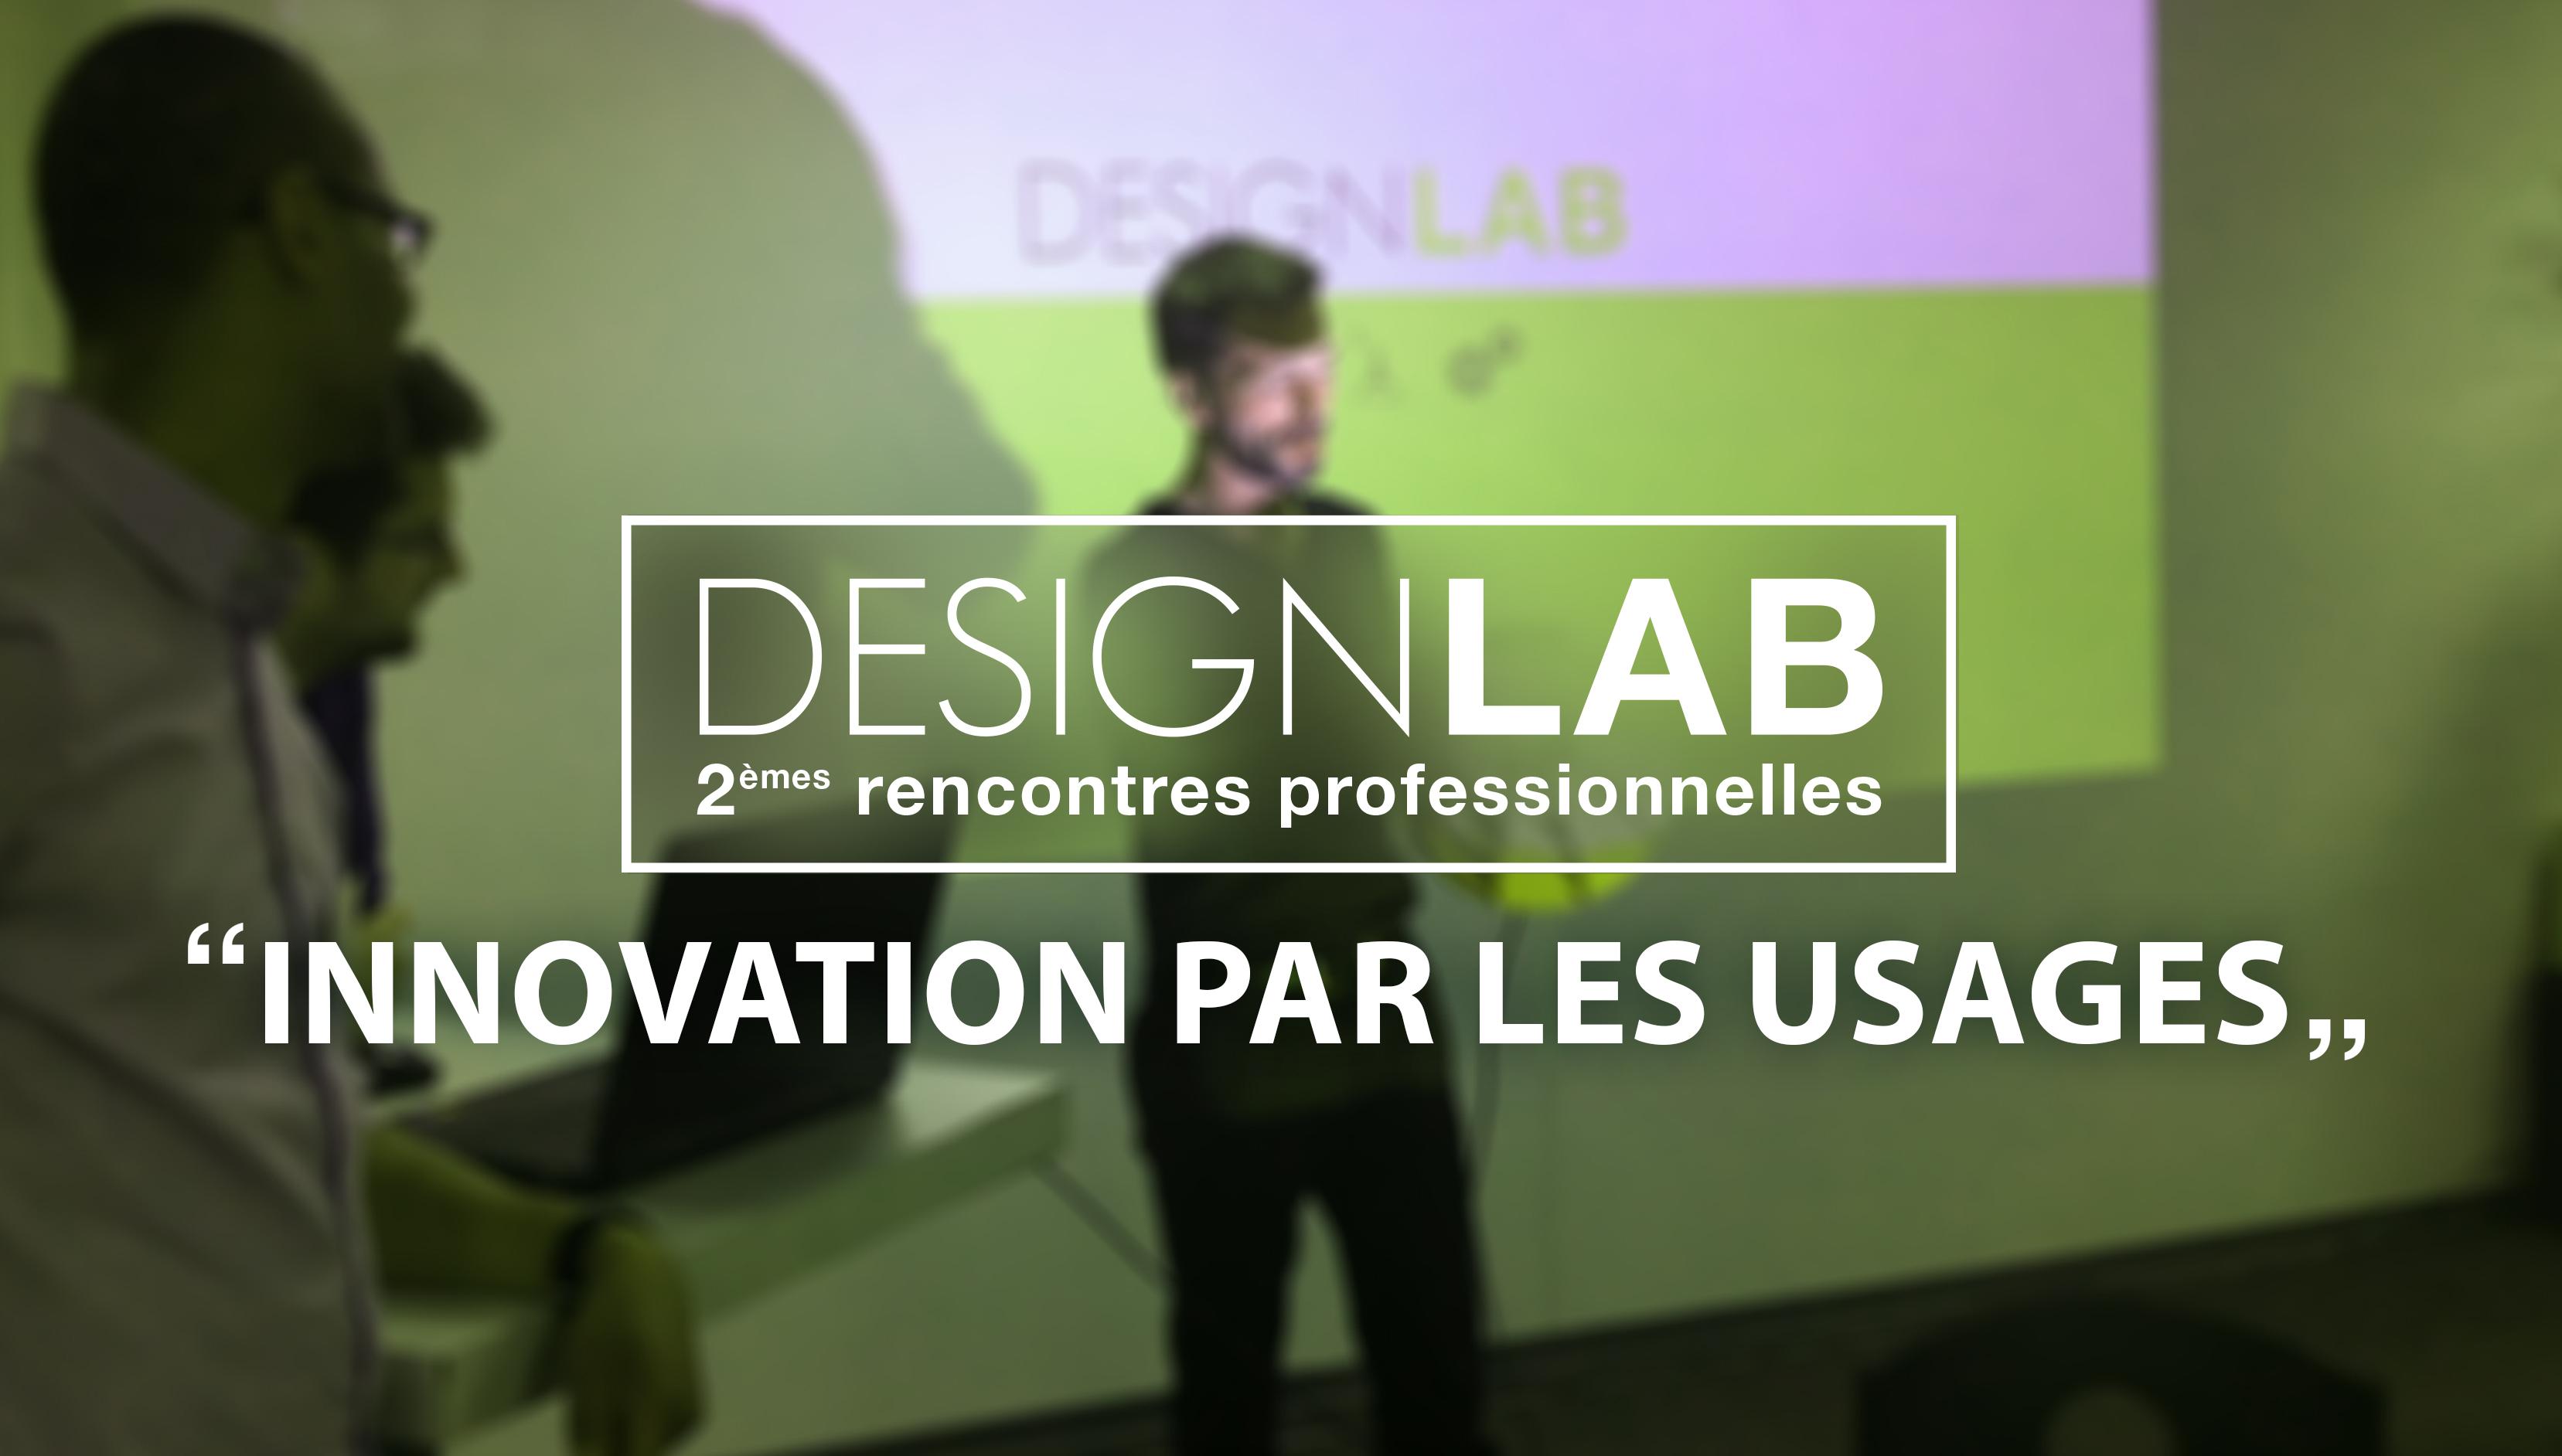 Pilag - DesignLab 2 innovation par les usages